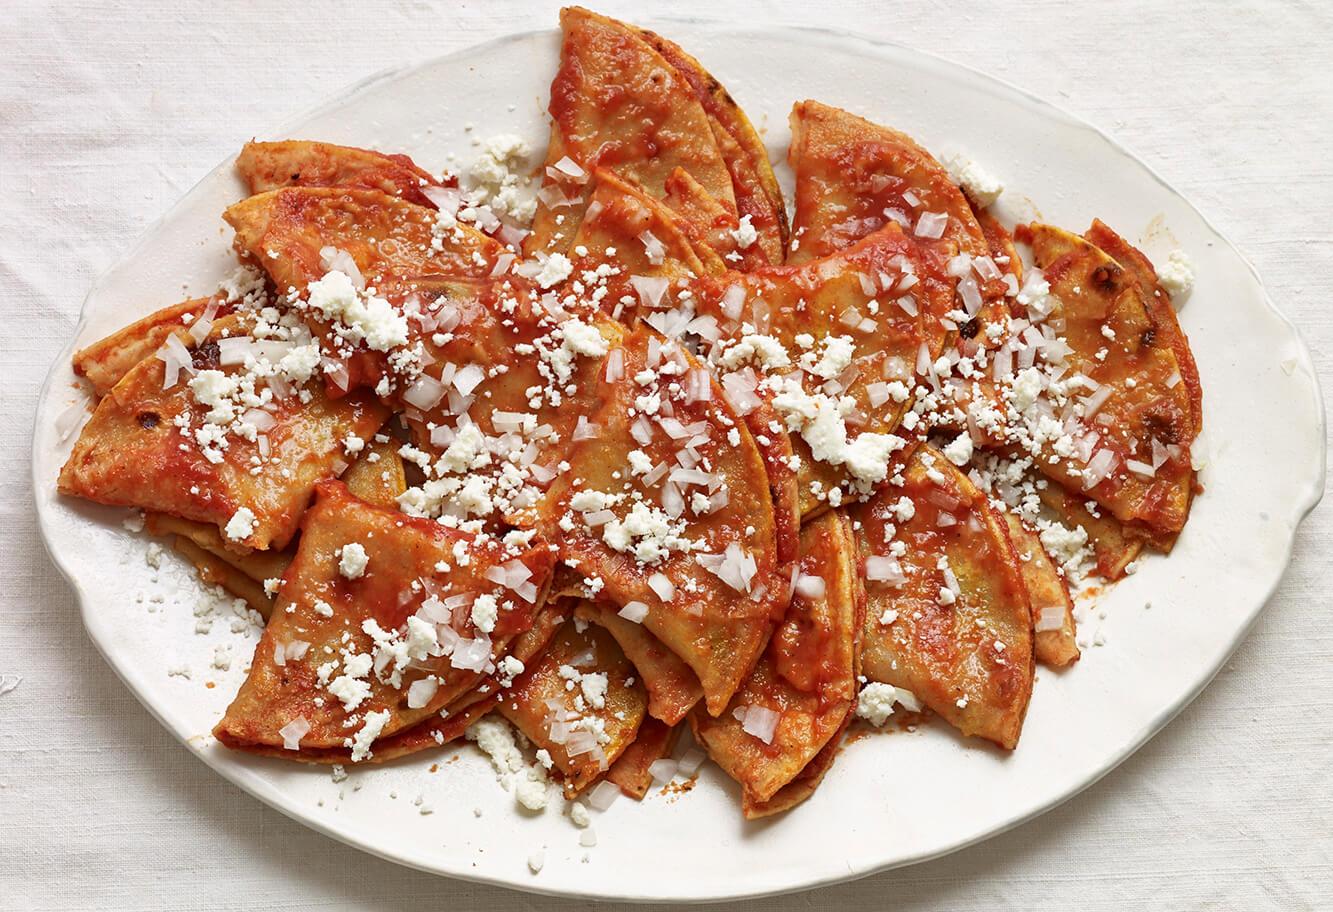 Pati Jinich enchiladas en salsa roja